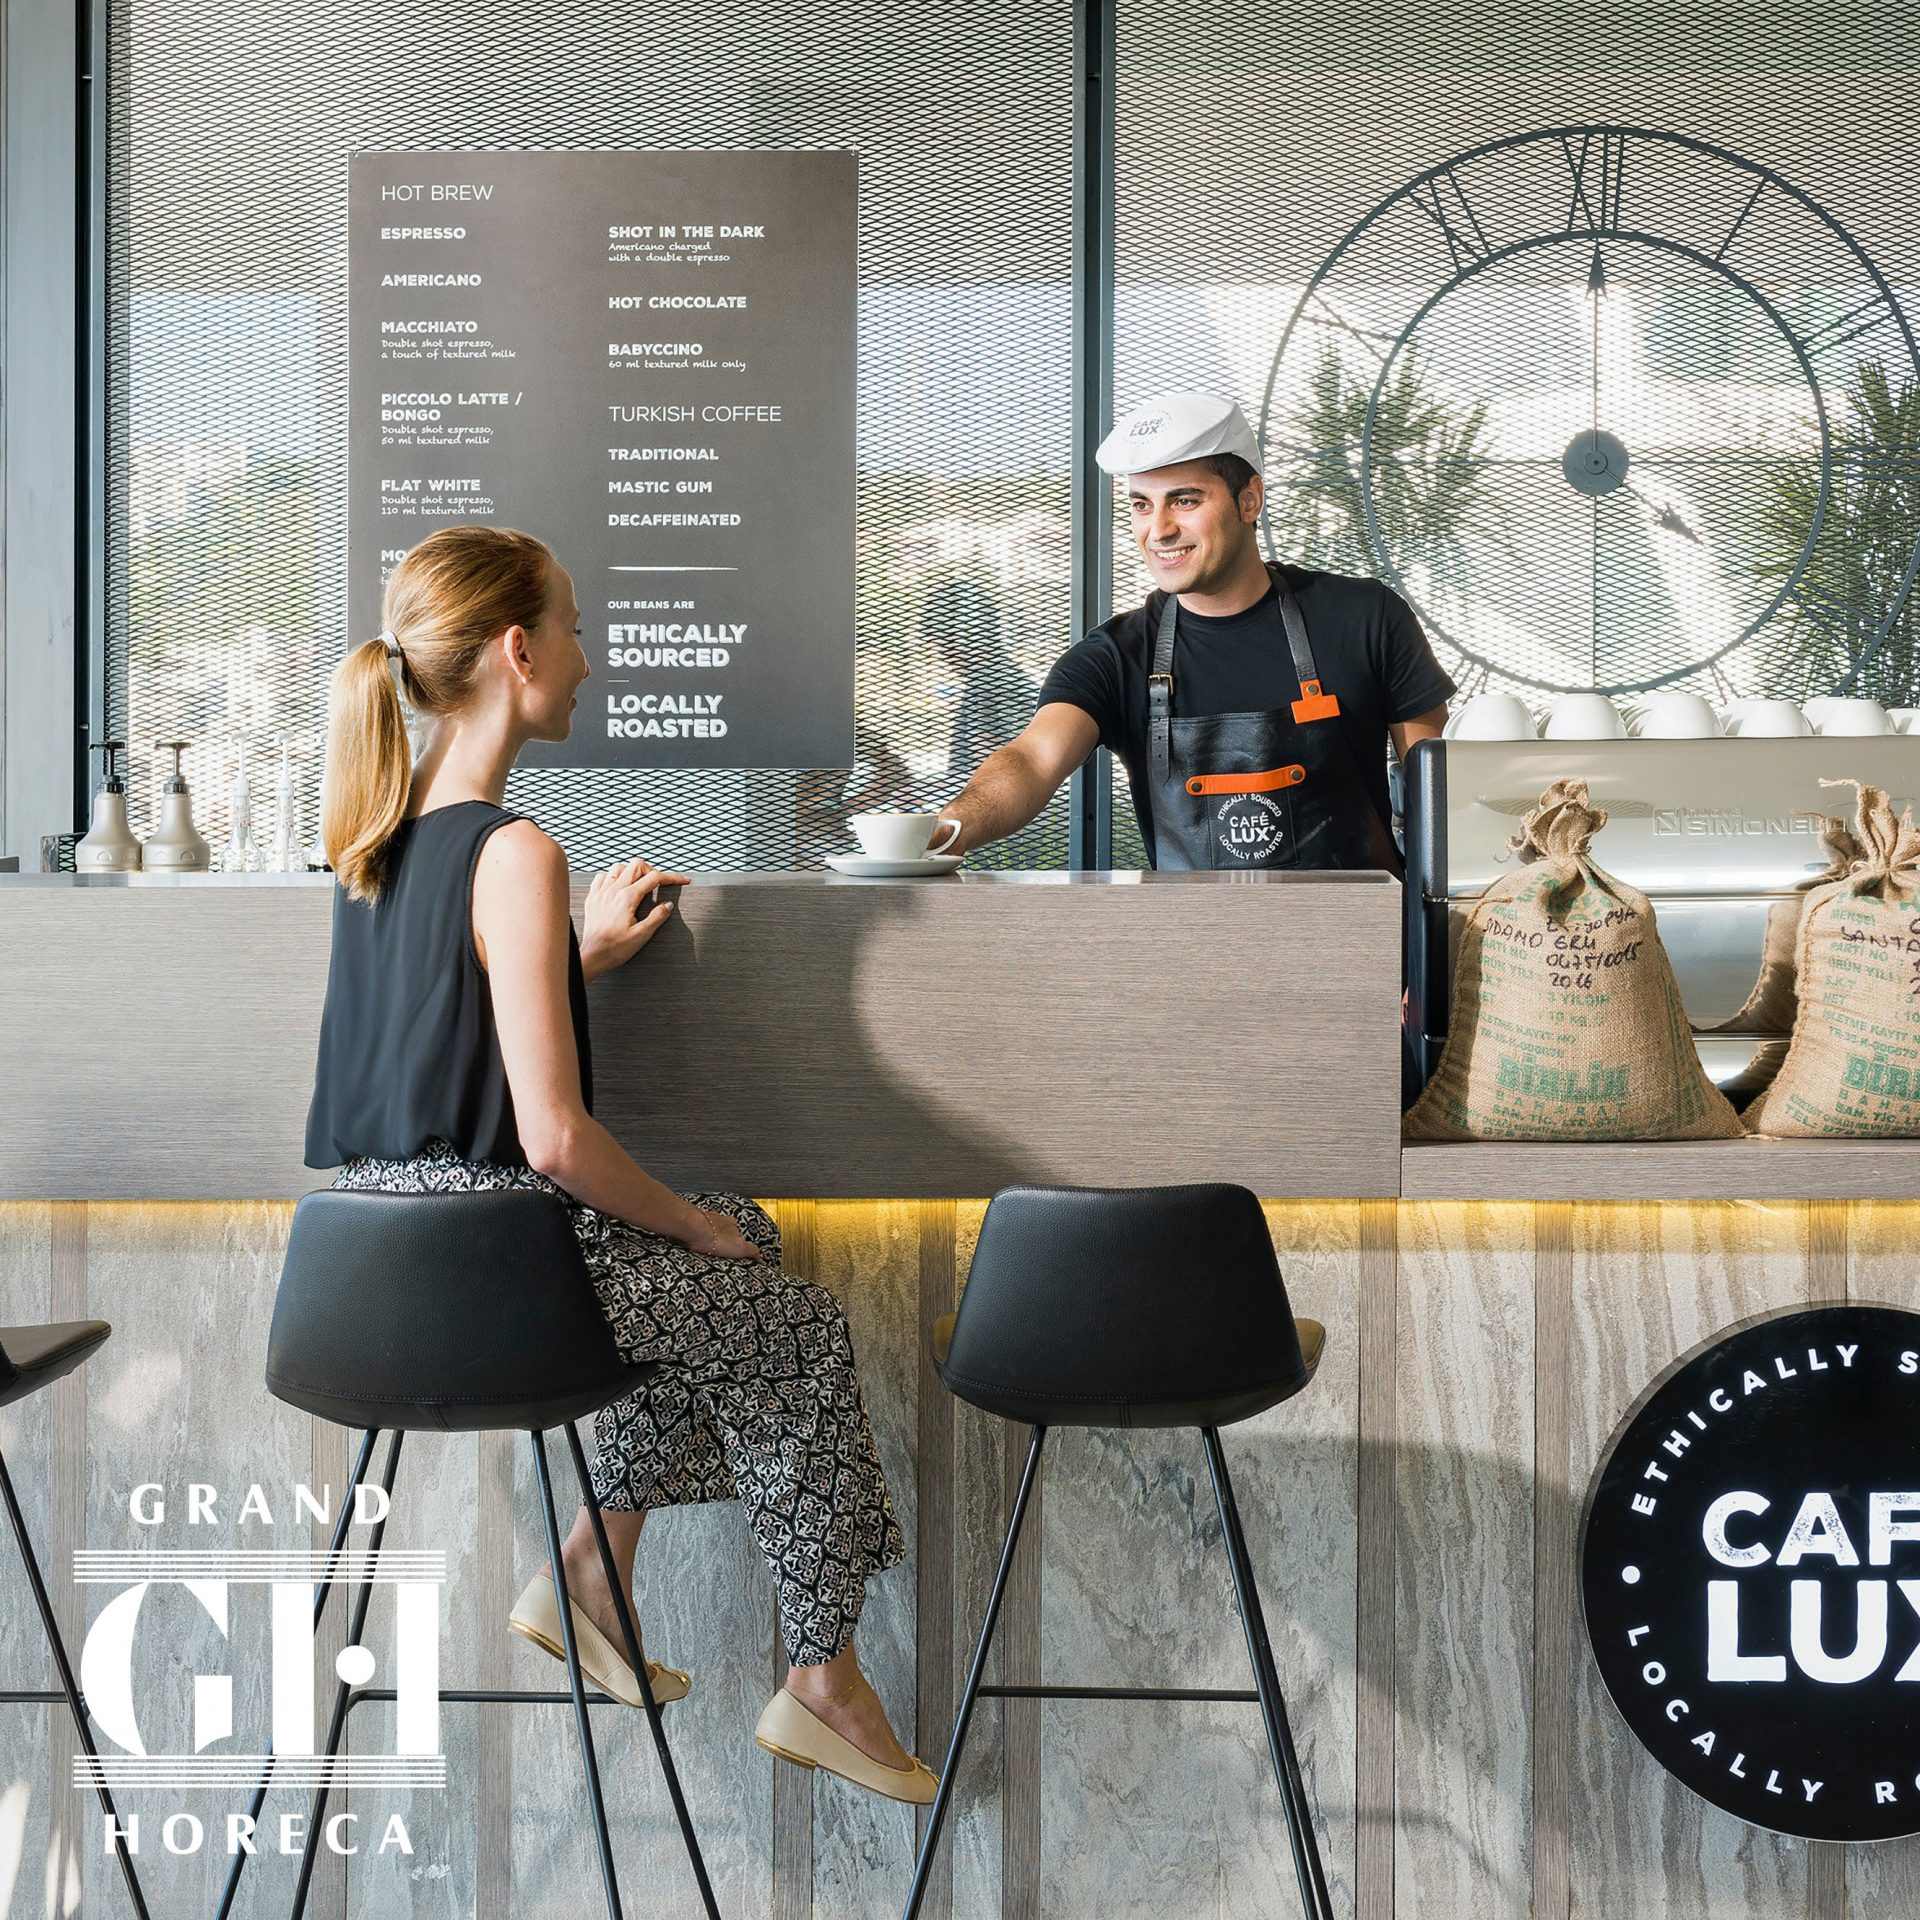 Grand Horeca   Товары для кофеинь